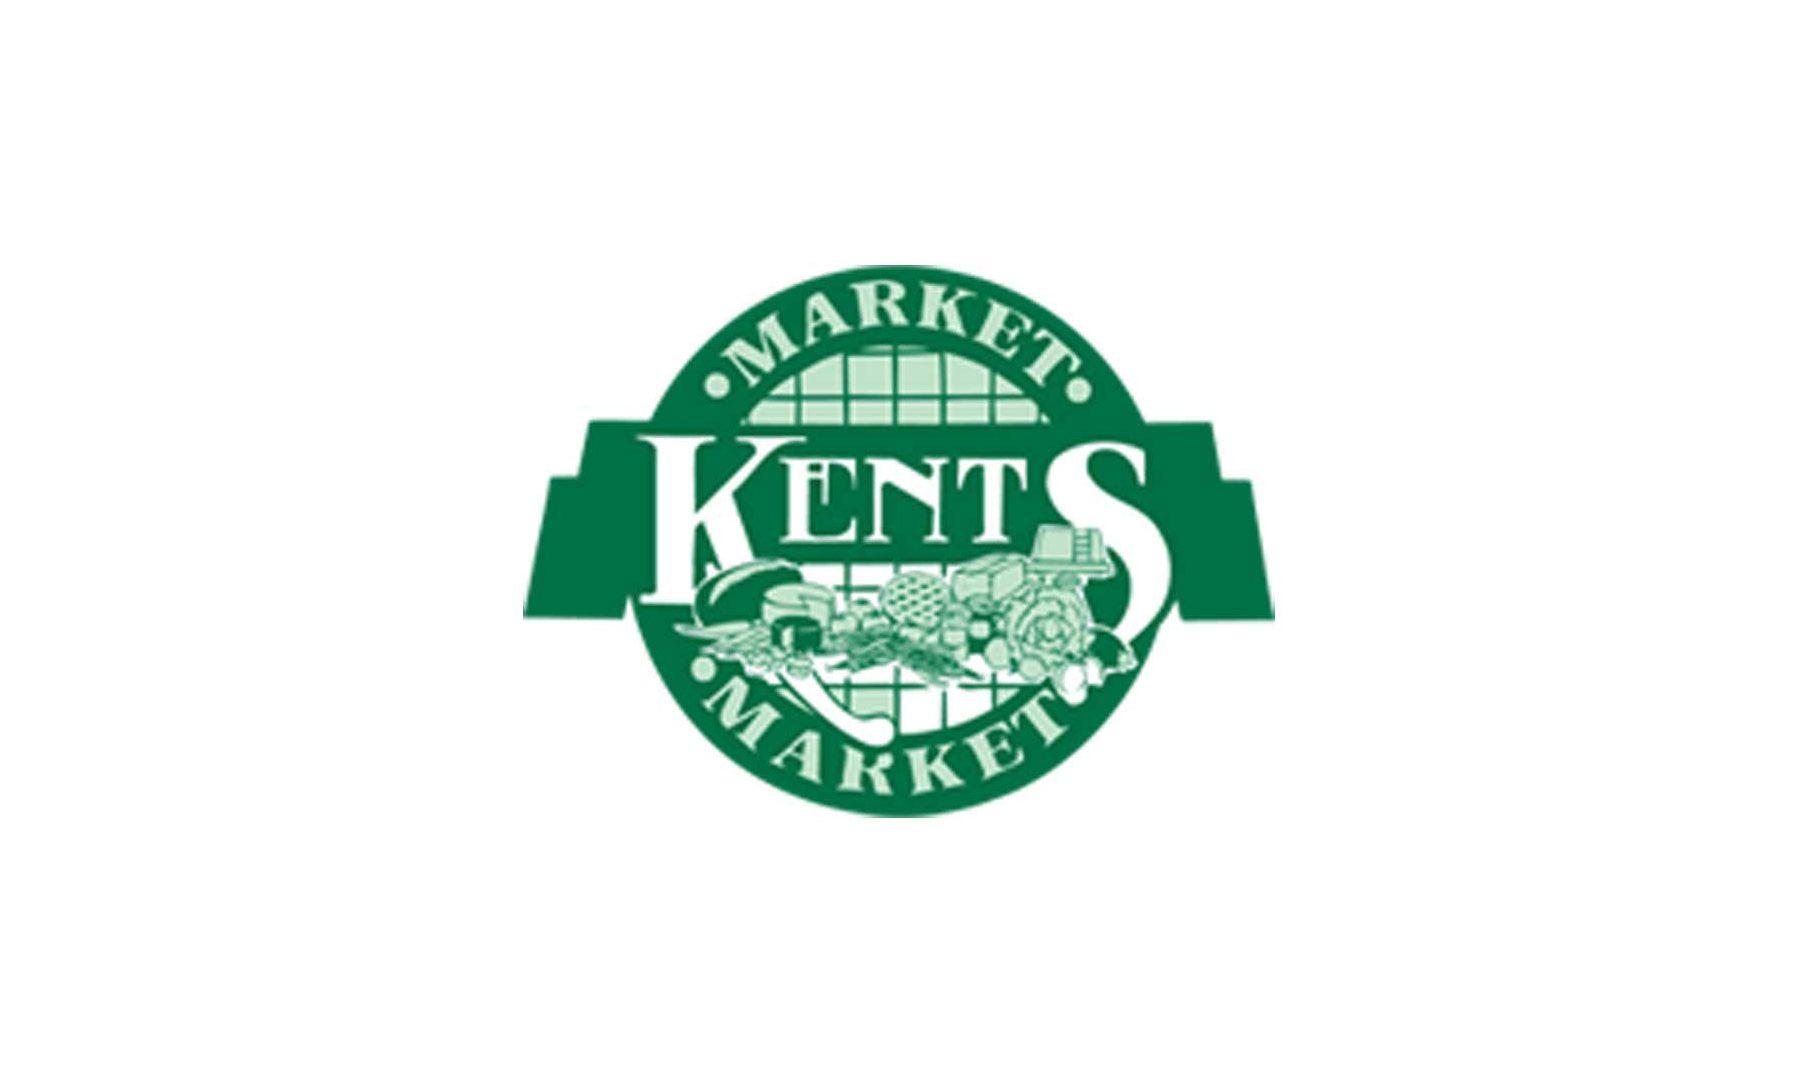 Kent's Market logo